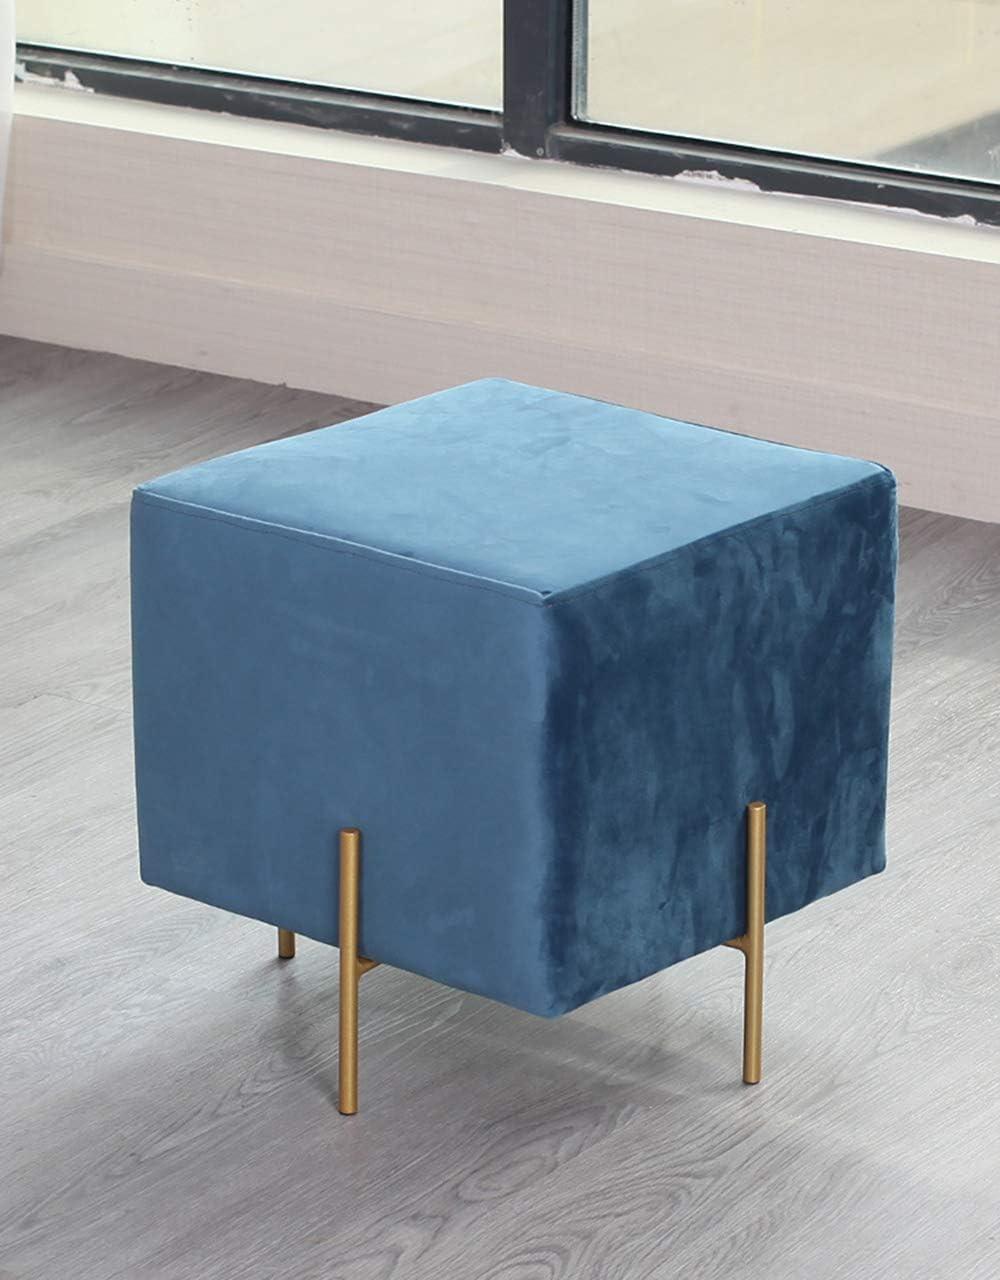 オスマン帝国のソファーの腰掛け、正方形のプーフの腰掛けの残りの座席ソファーの座席の腰掛けの変更の靴の腰掛けによって装飾される椅子、5色 sea blue